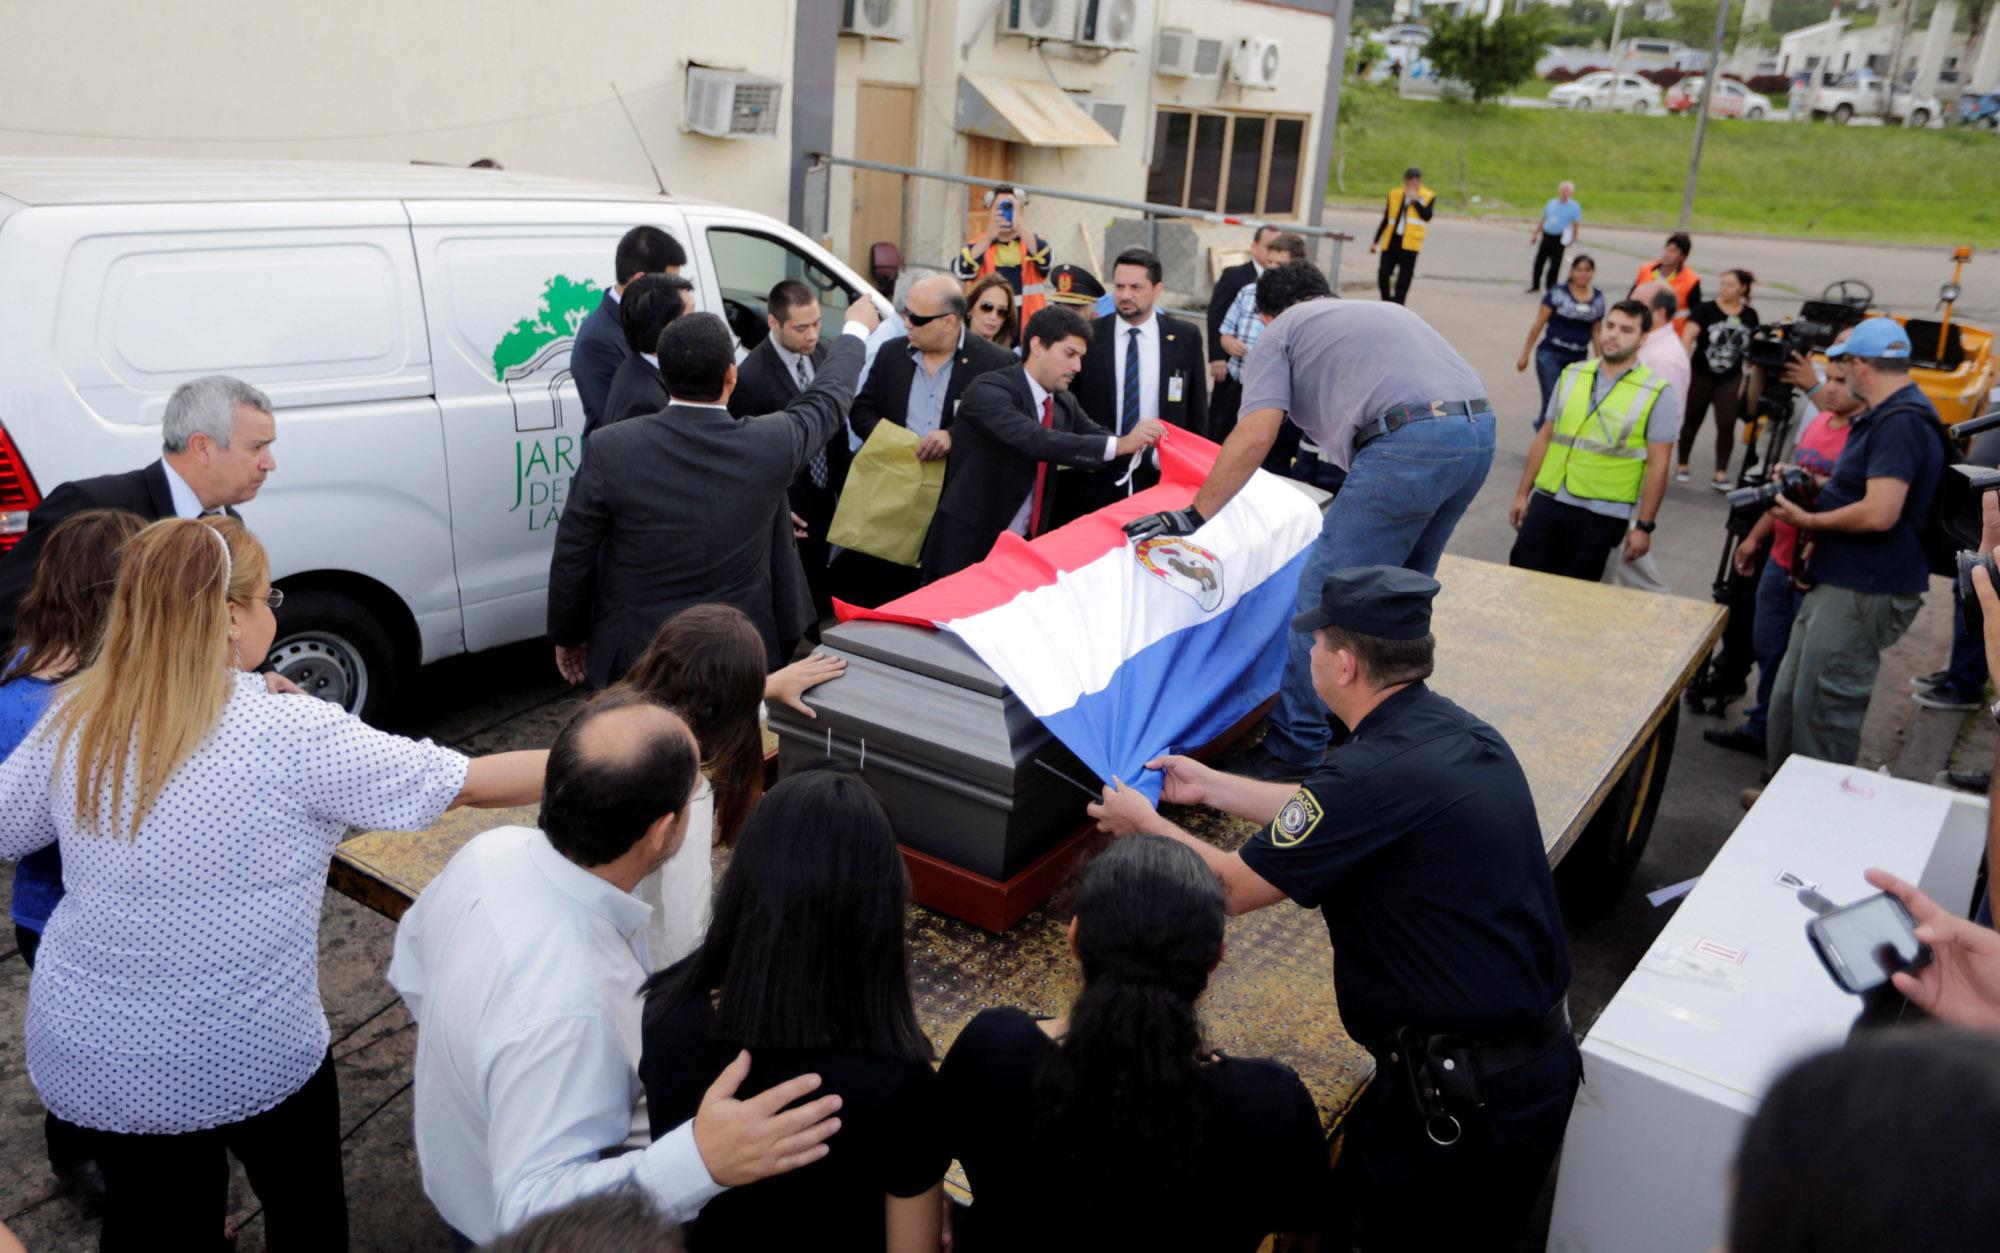 Familiares, amigos e vizinhos colocam uma bandeira do Paraguai sobre o caixão de Gustavo Encina, piloto paraguaio do avião da Chapecoense,  no aeroporto internacional Silvio Pettirossi em Luque, no Paraguai